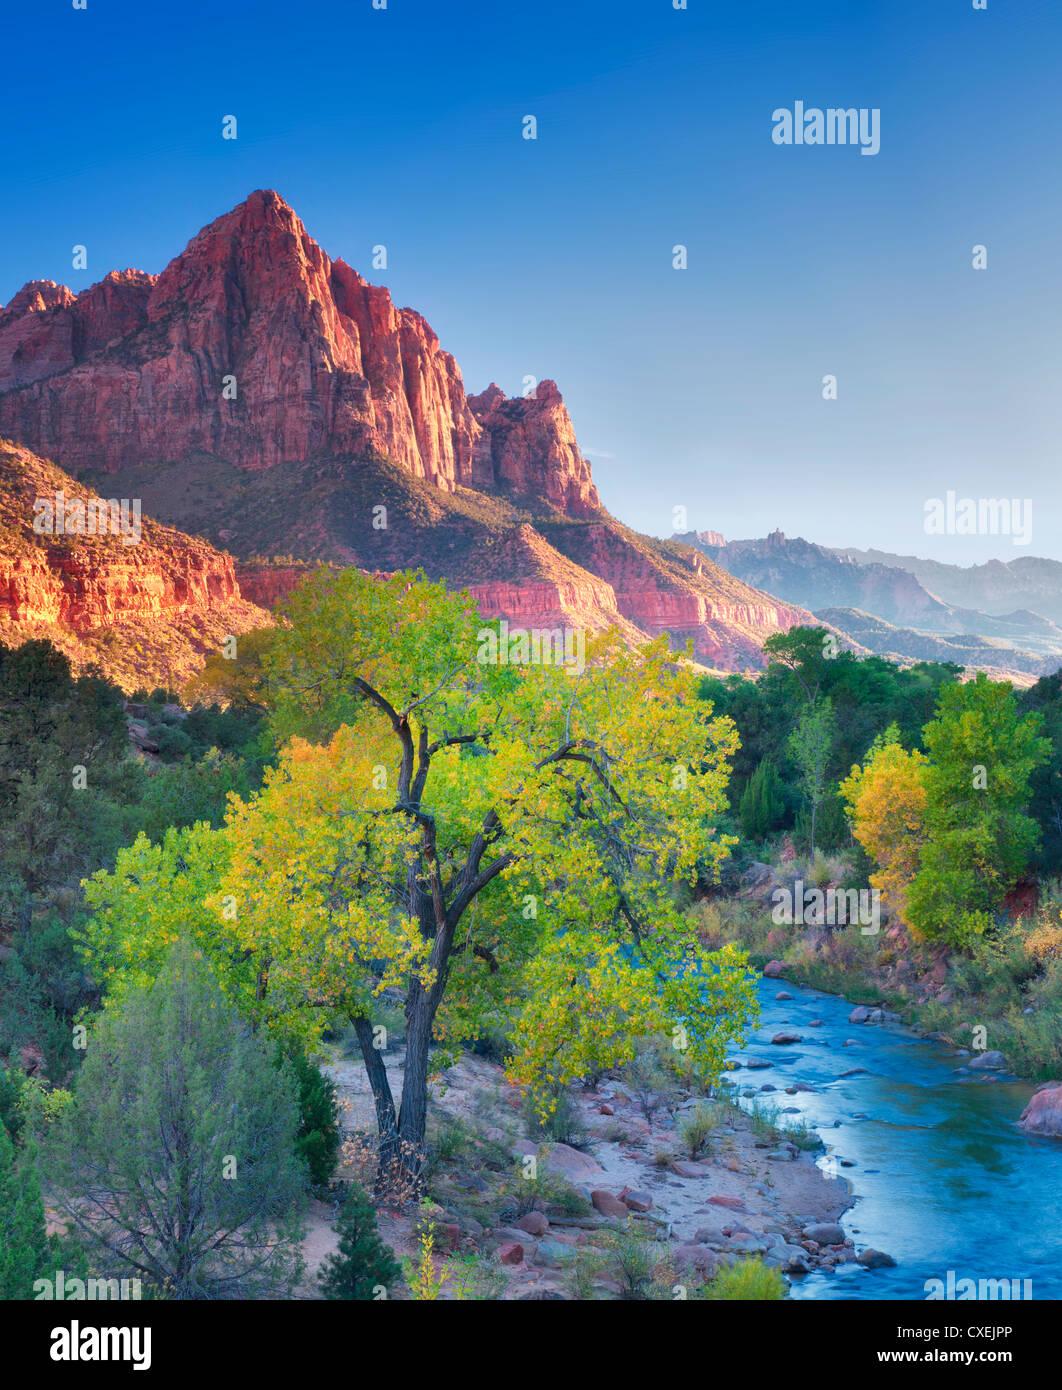 Autunno a colori e il fiume vergine. Parco Nazionale di Zion, Utah. Il cielo è stato aggiunto Immagini Stock